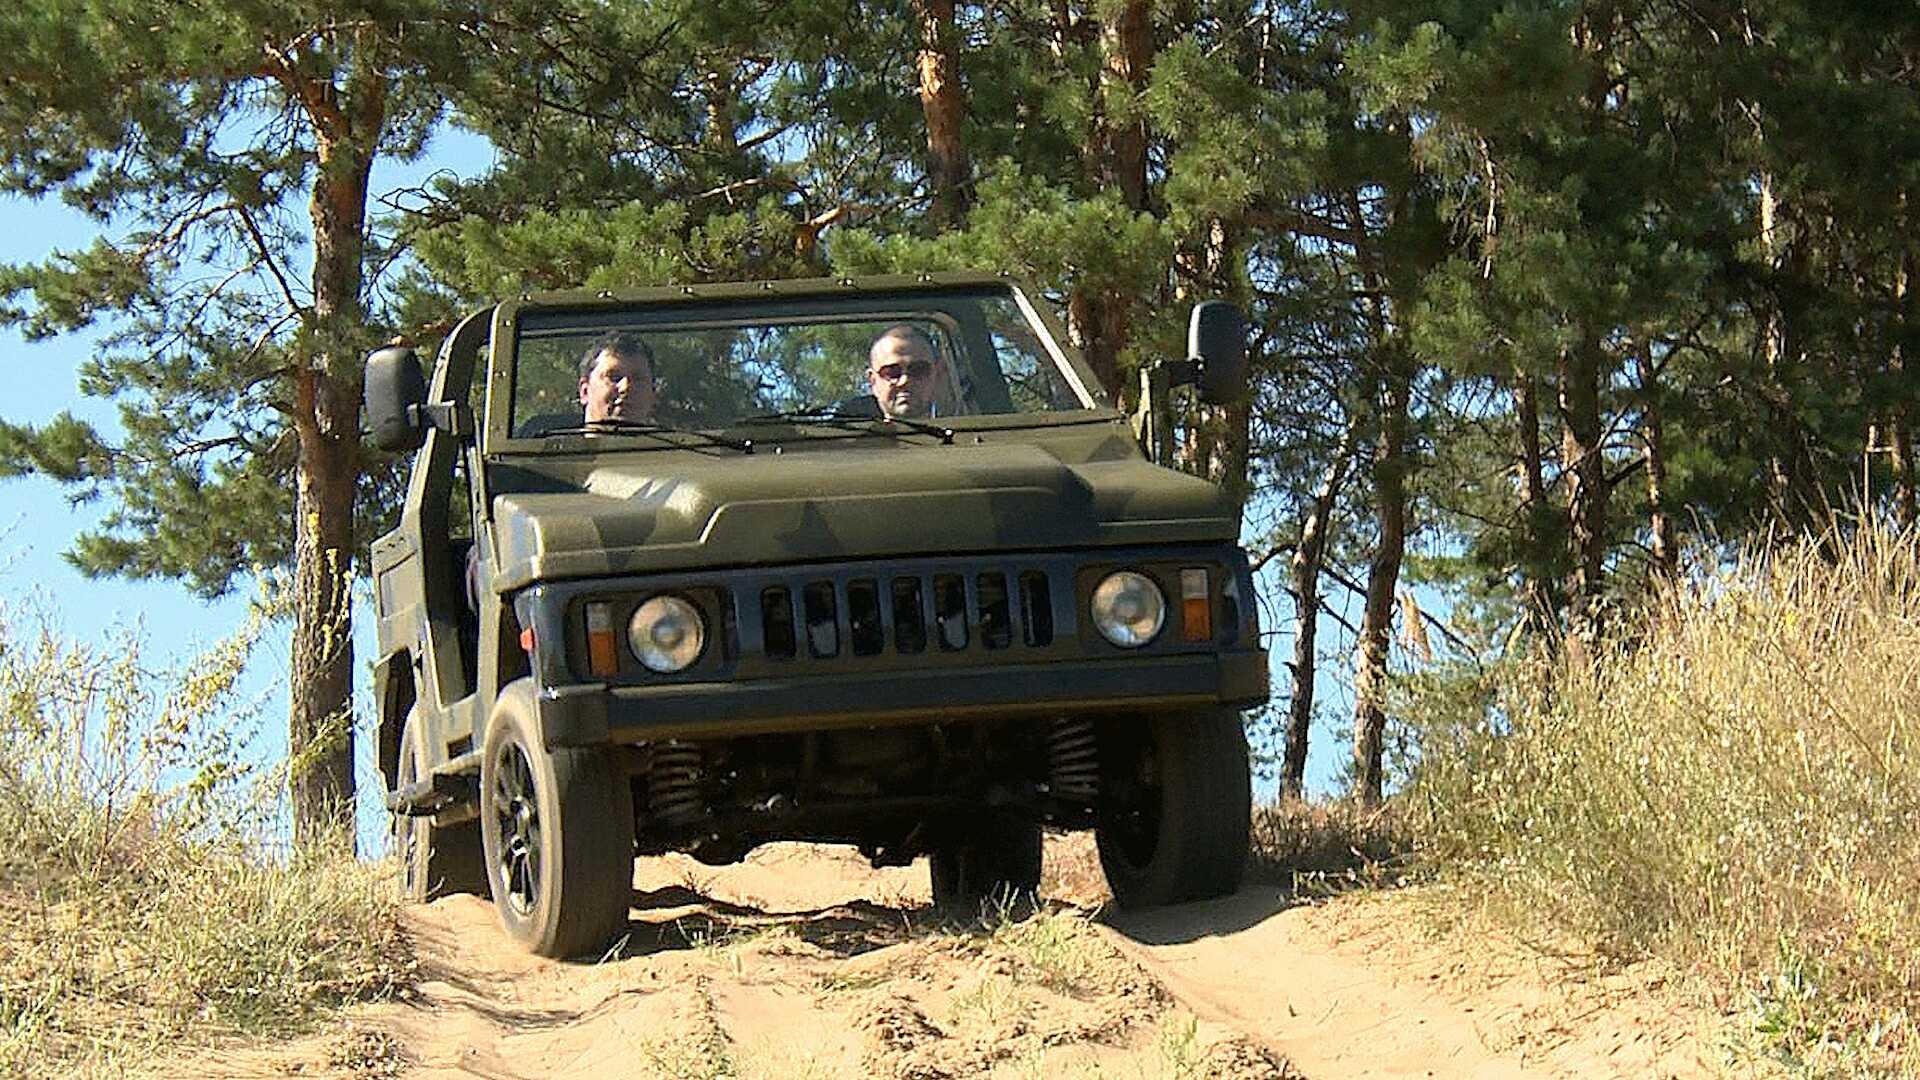 Аутомобил је дизајниран на основу легендарног теренског возила Нива. Извор: Државни универзитет у Тољатију